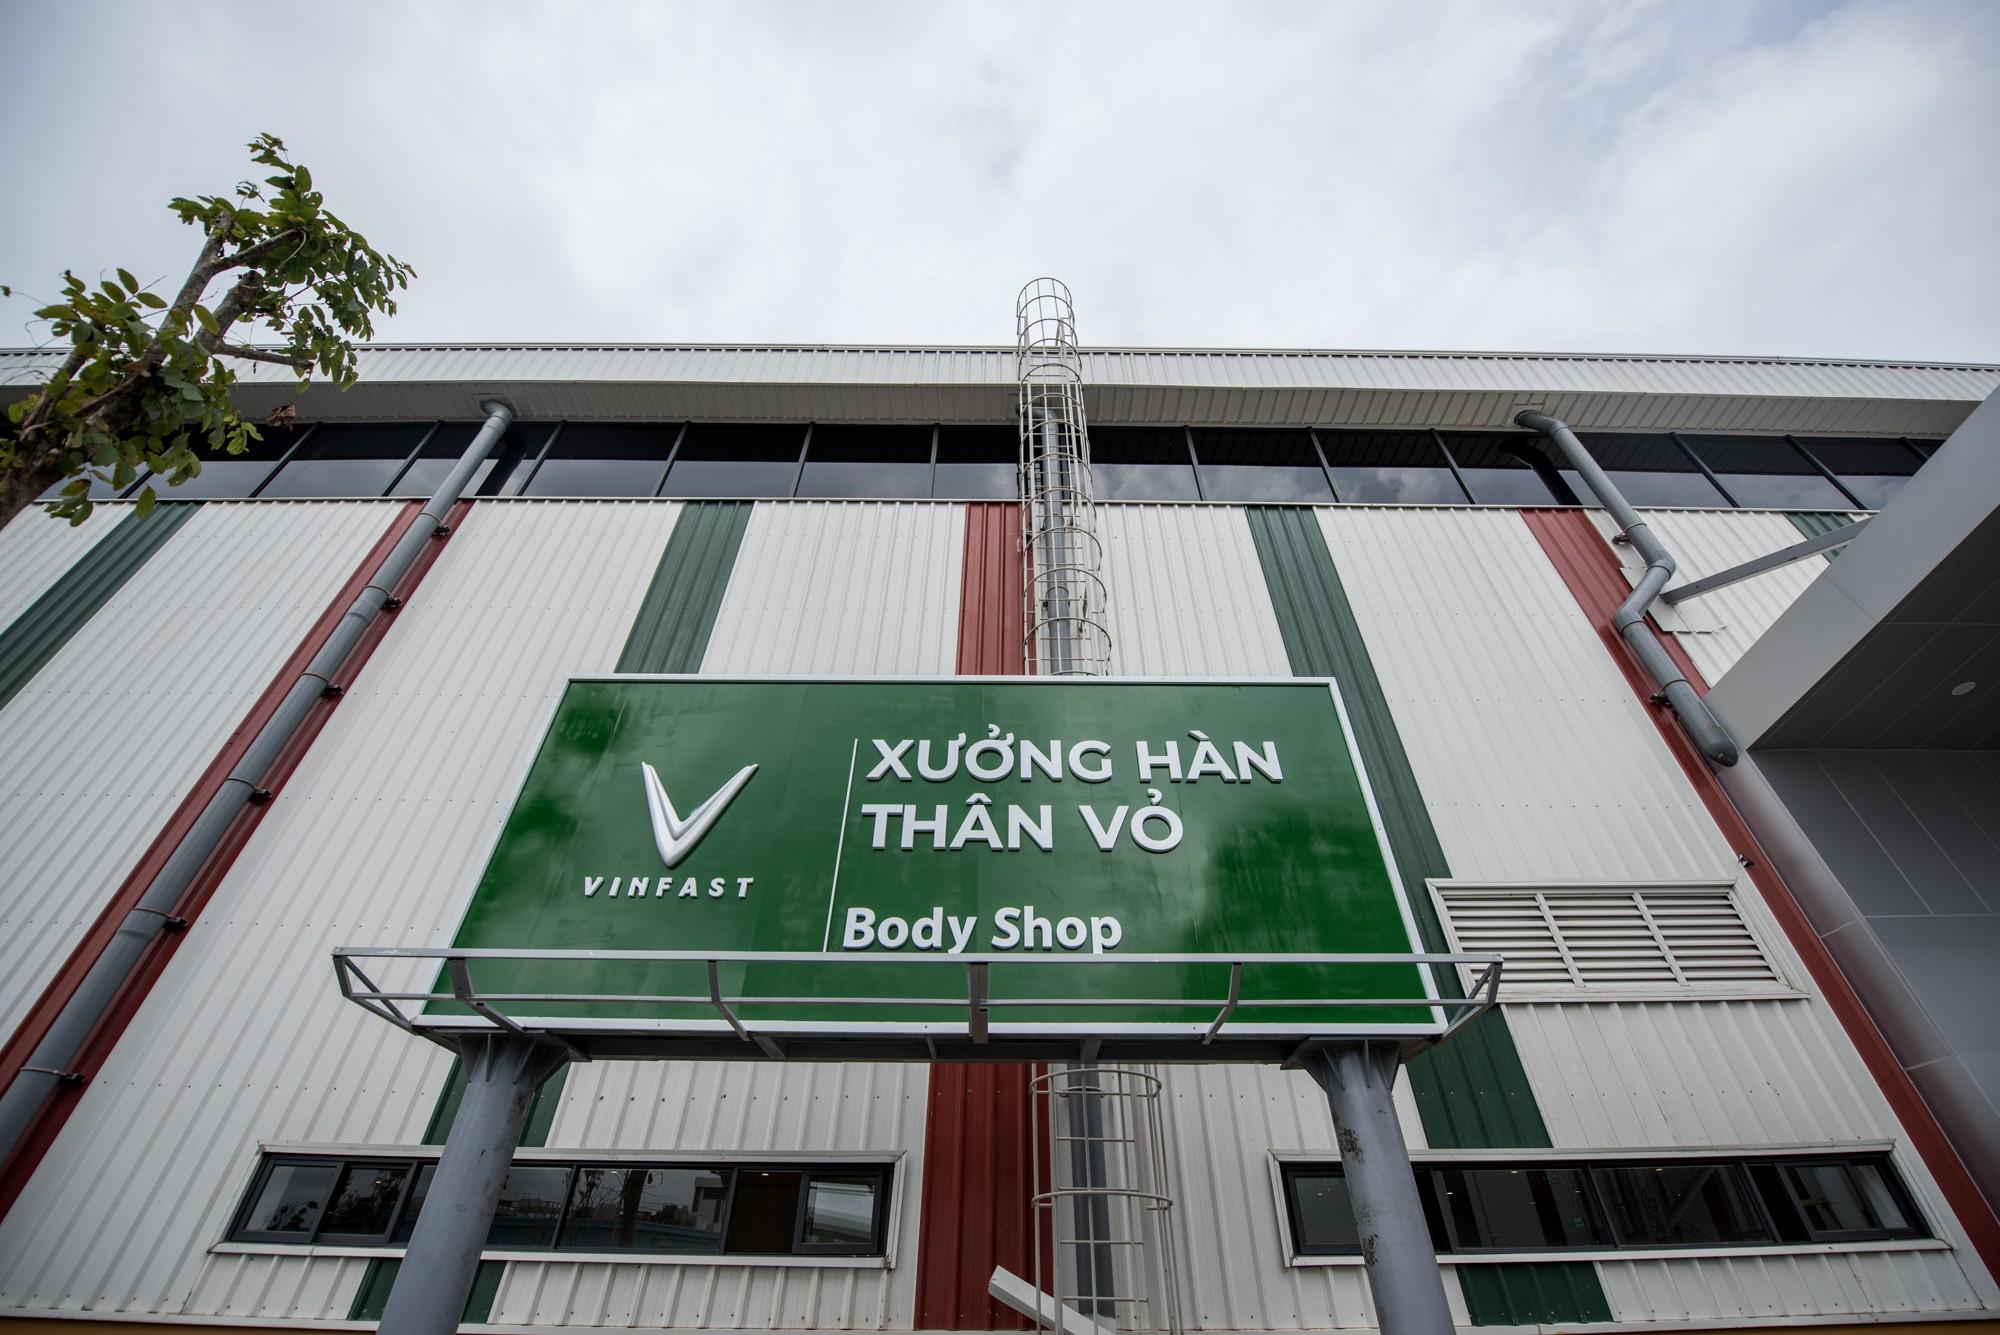 Xuong han than vo